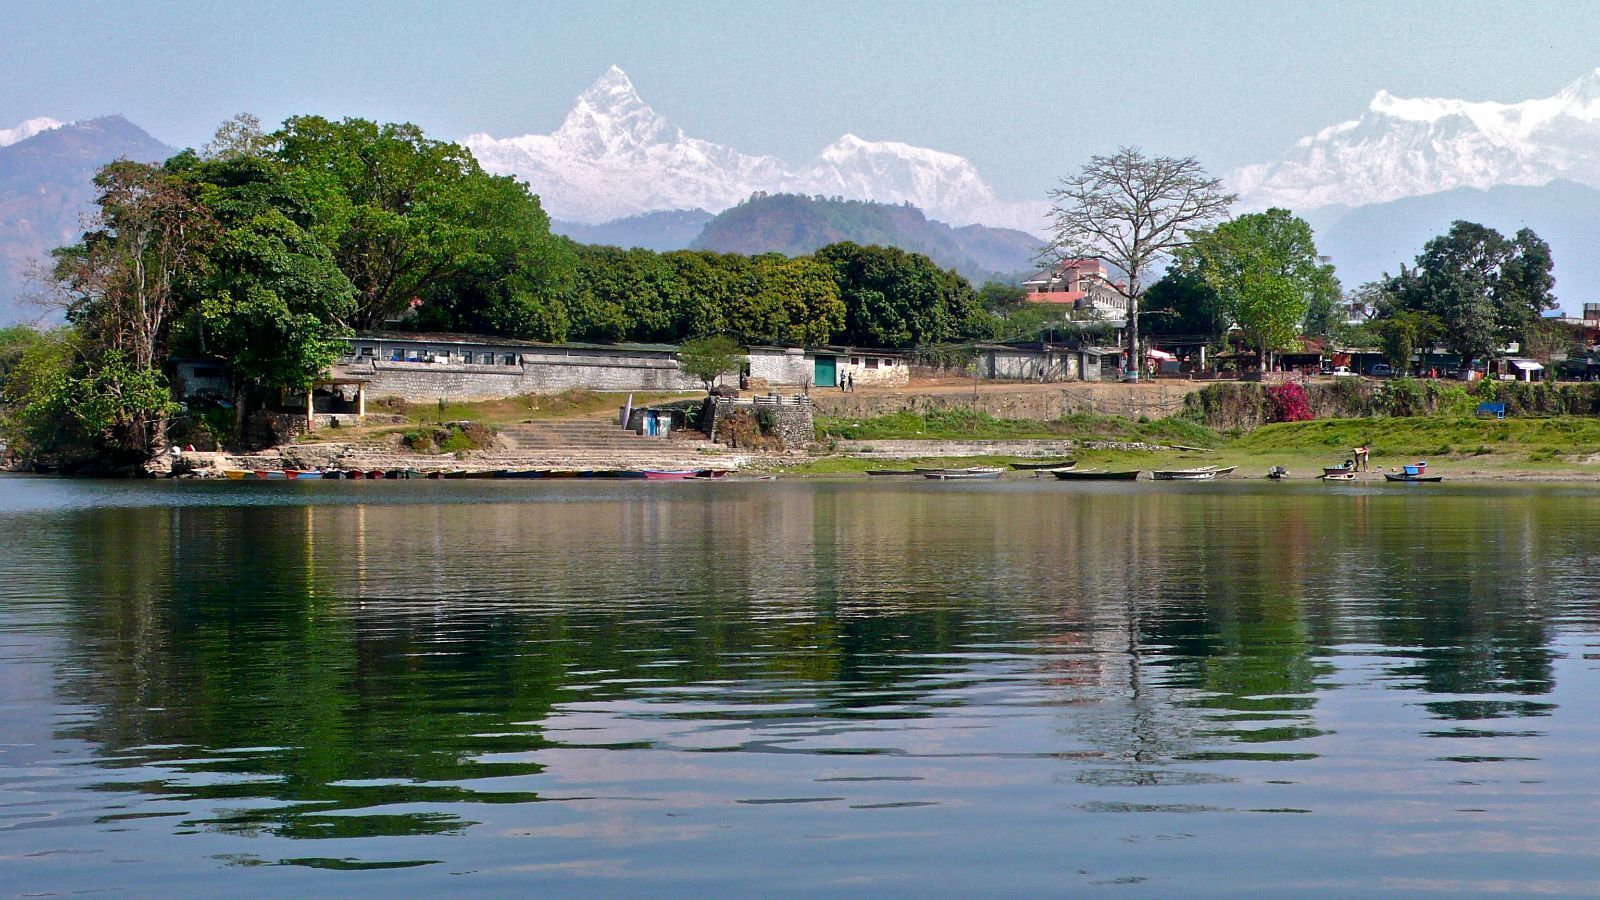 盛名的风景地,位于尼泊尔中部喜马拉雅山南坡山麓博卡拉河谷上的城市